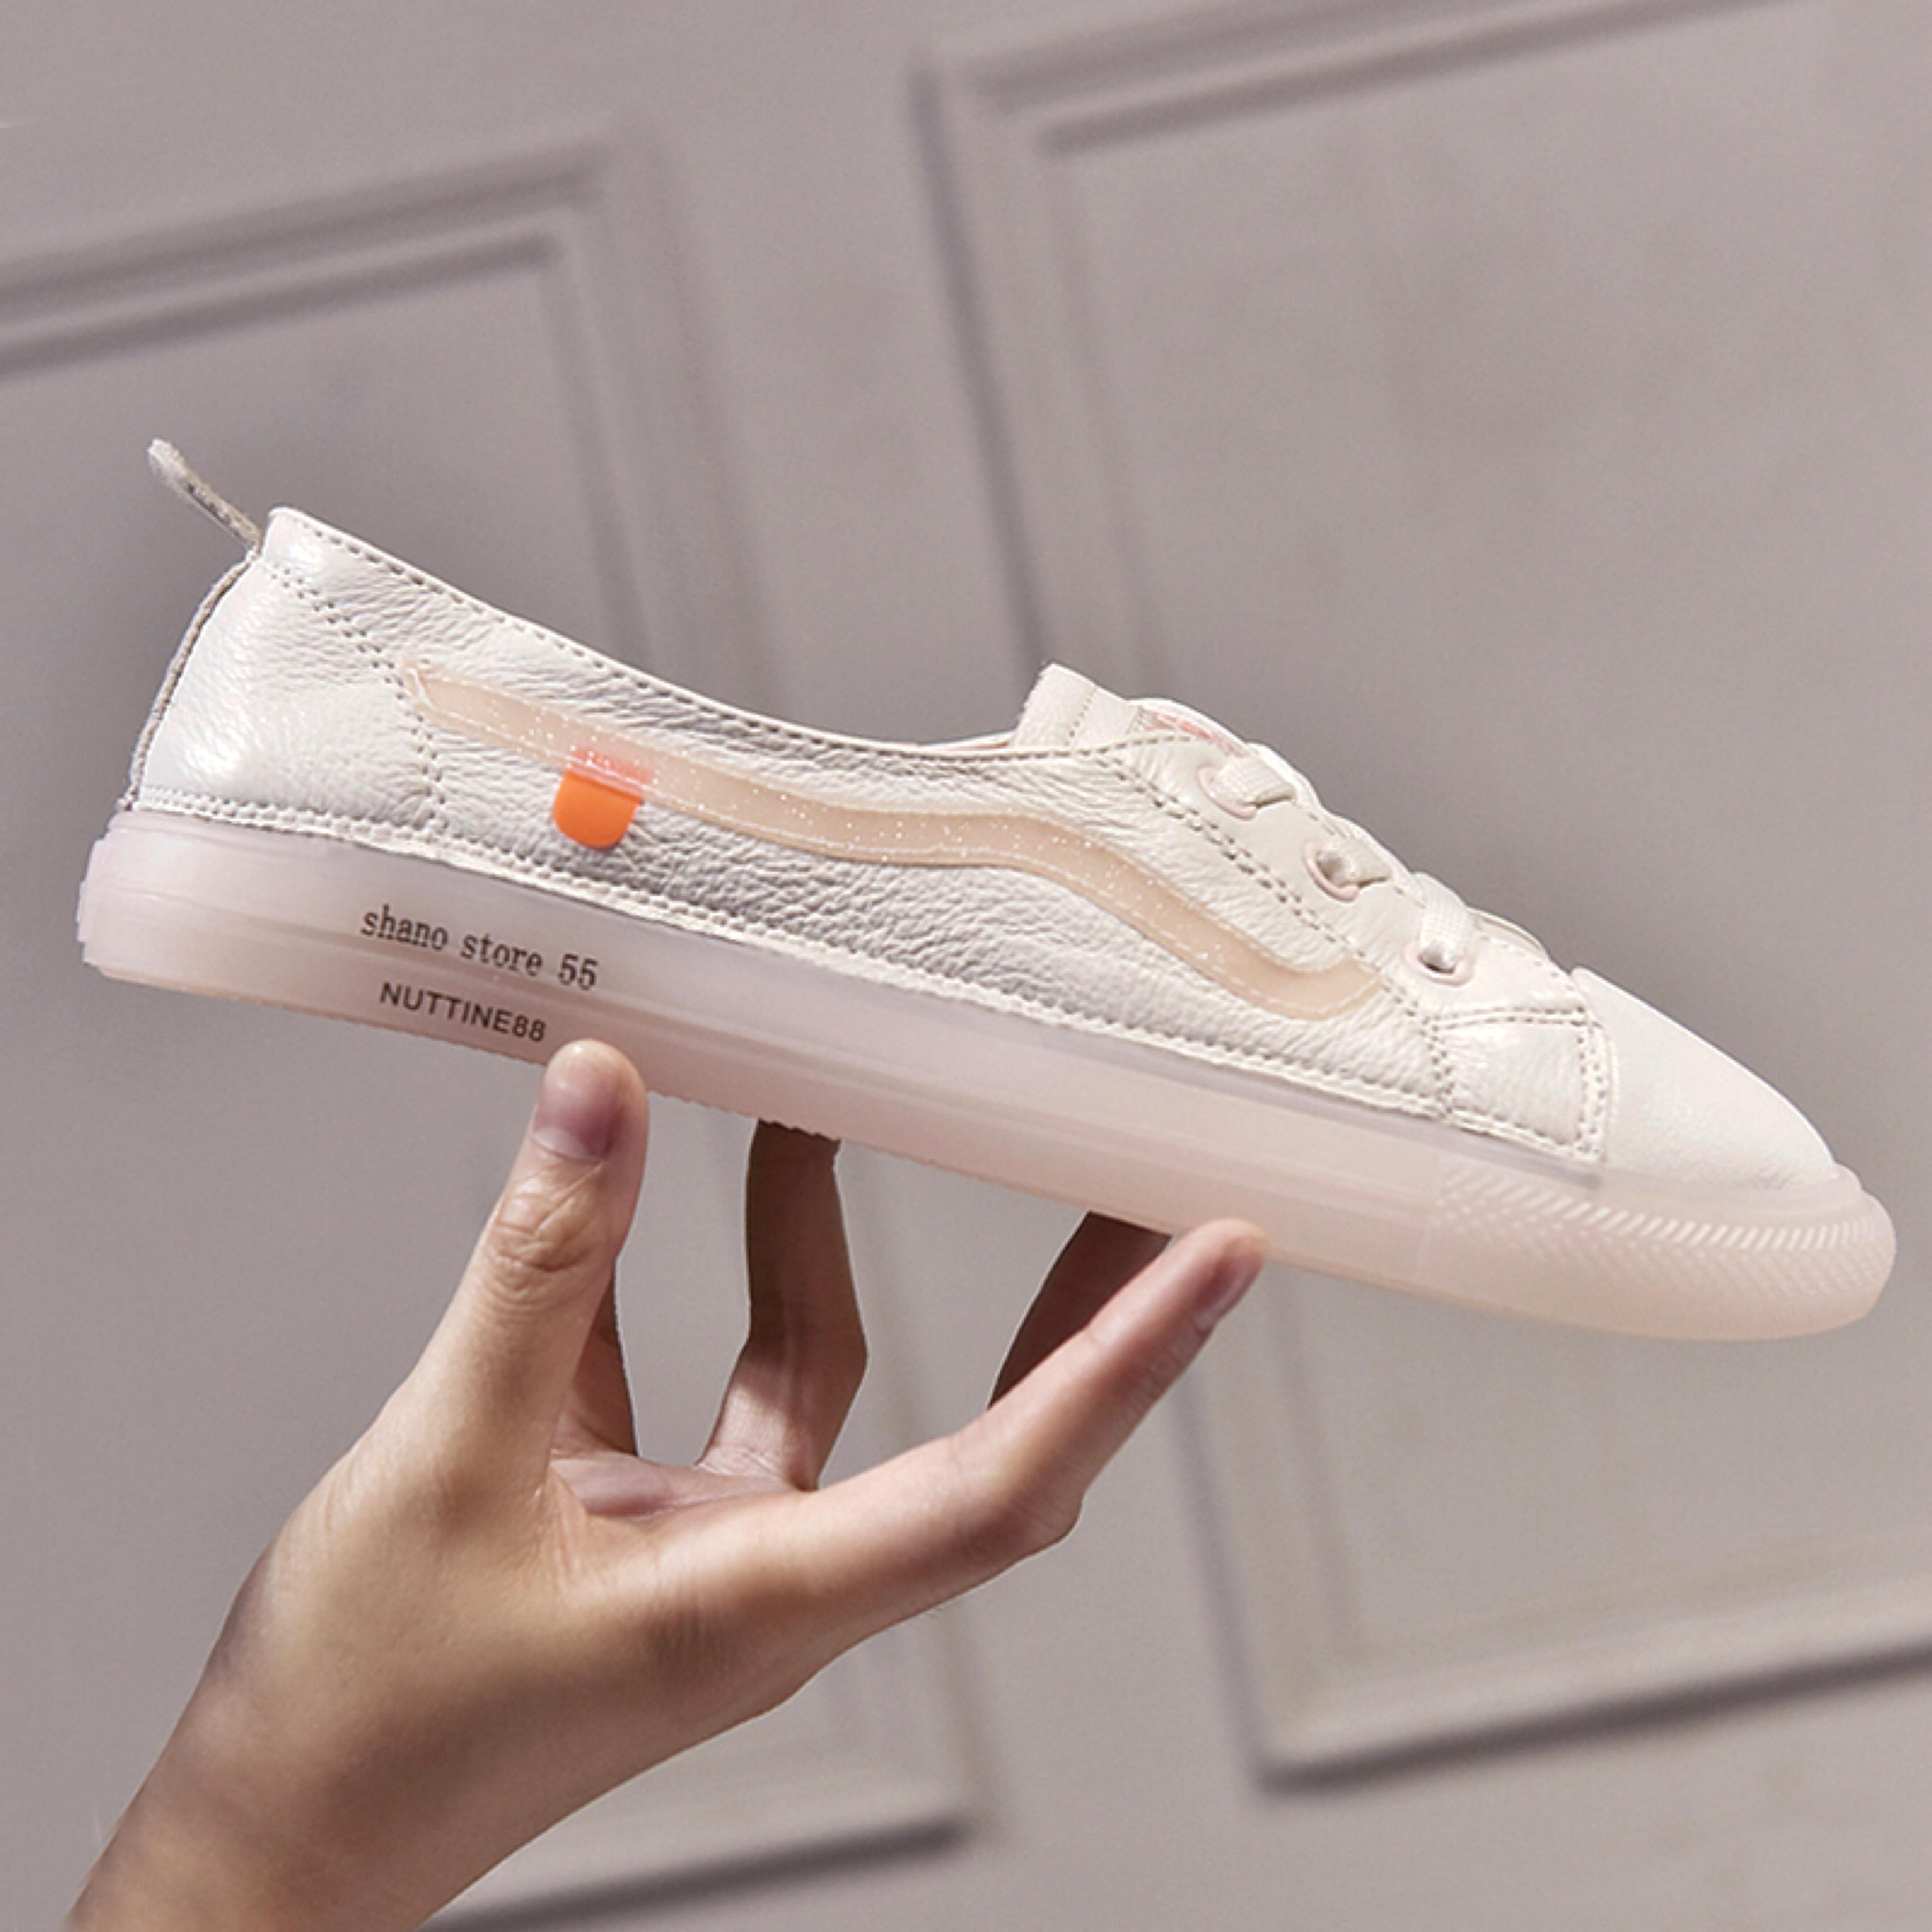 Купить Обувь большого размера в Китае, в интернет магазине таобао на русском языке